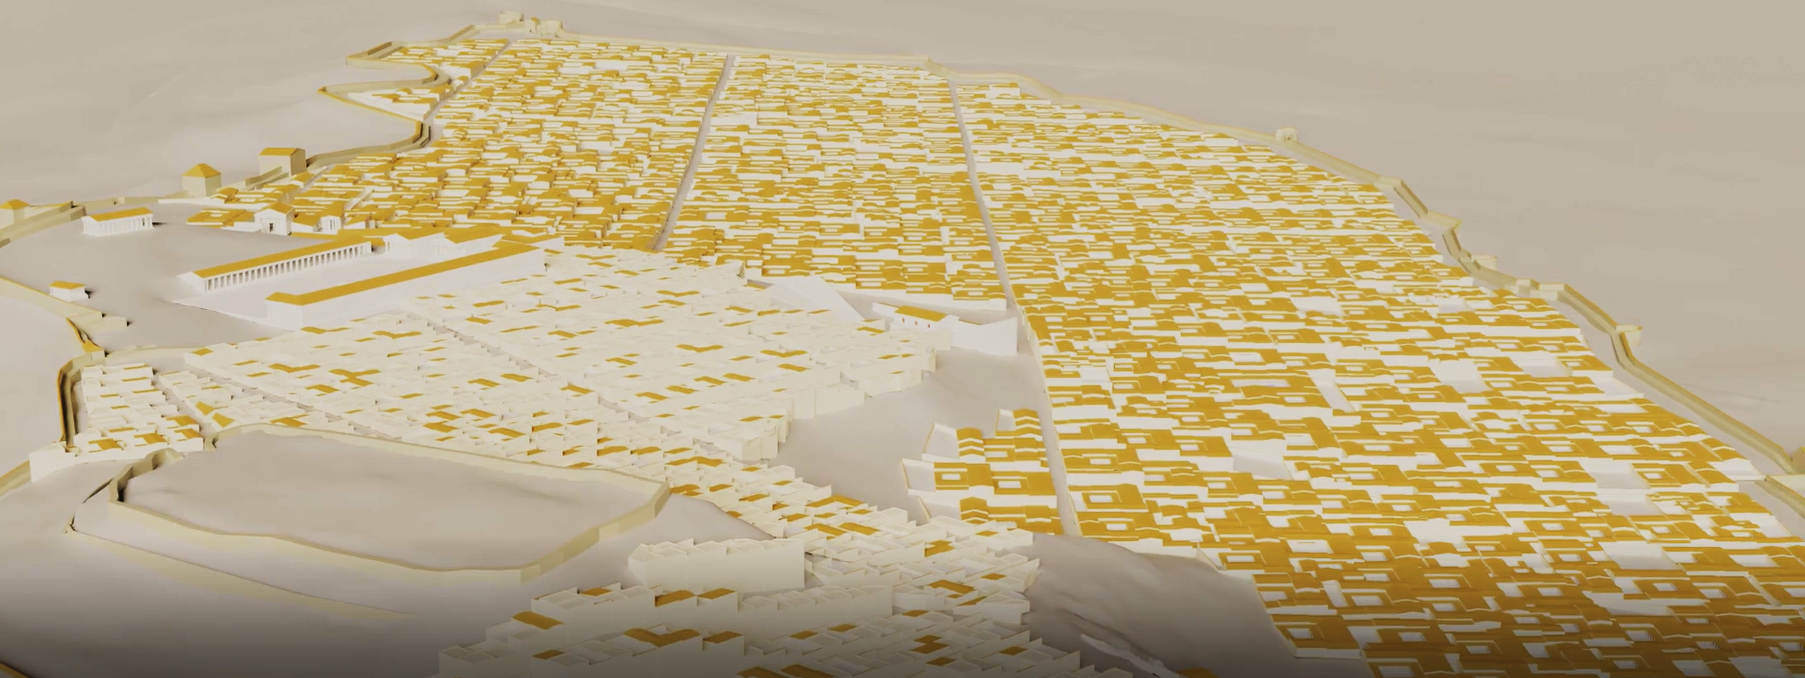 Capture du modèle 3D général de la ville d'Apollonia à l'époque impériale, réalisé par des étudiants de CY Cergy Paris Université.